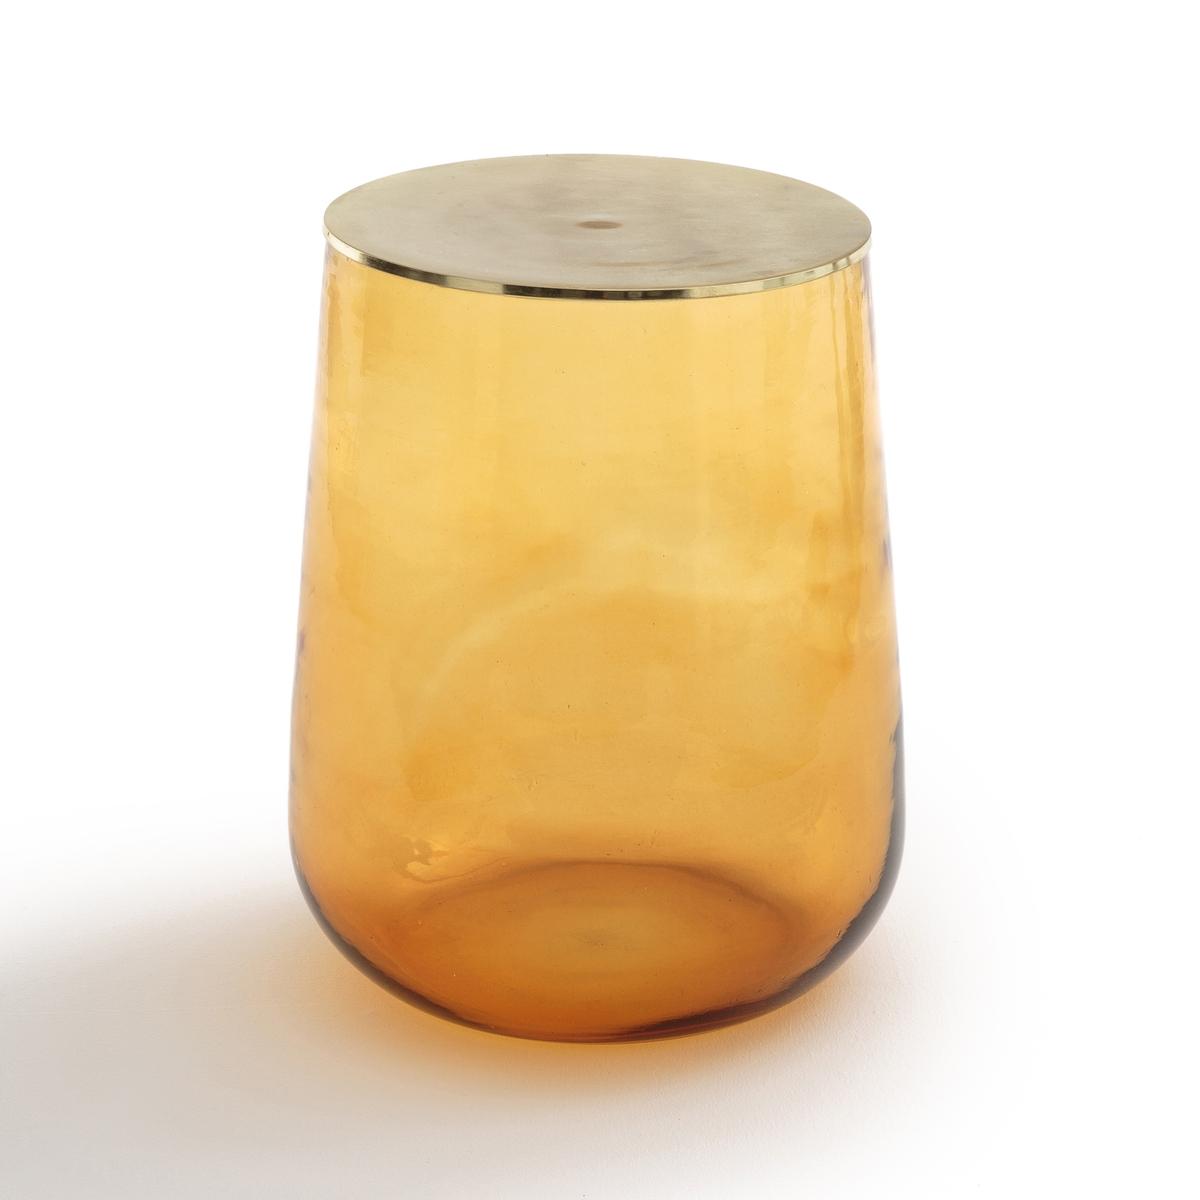 Столик La Redoute Журнальный из стекла Conope единый размер каштановый туалетный la redoute столик clairoy единый размер каштановый